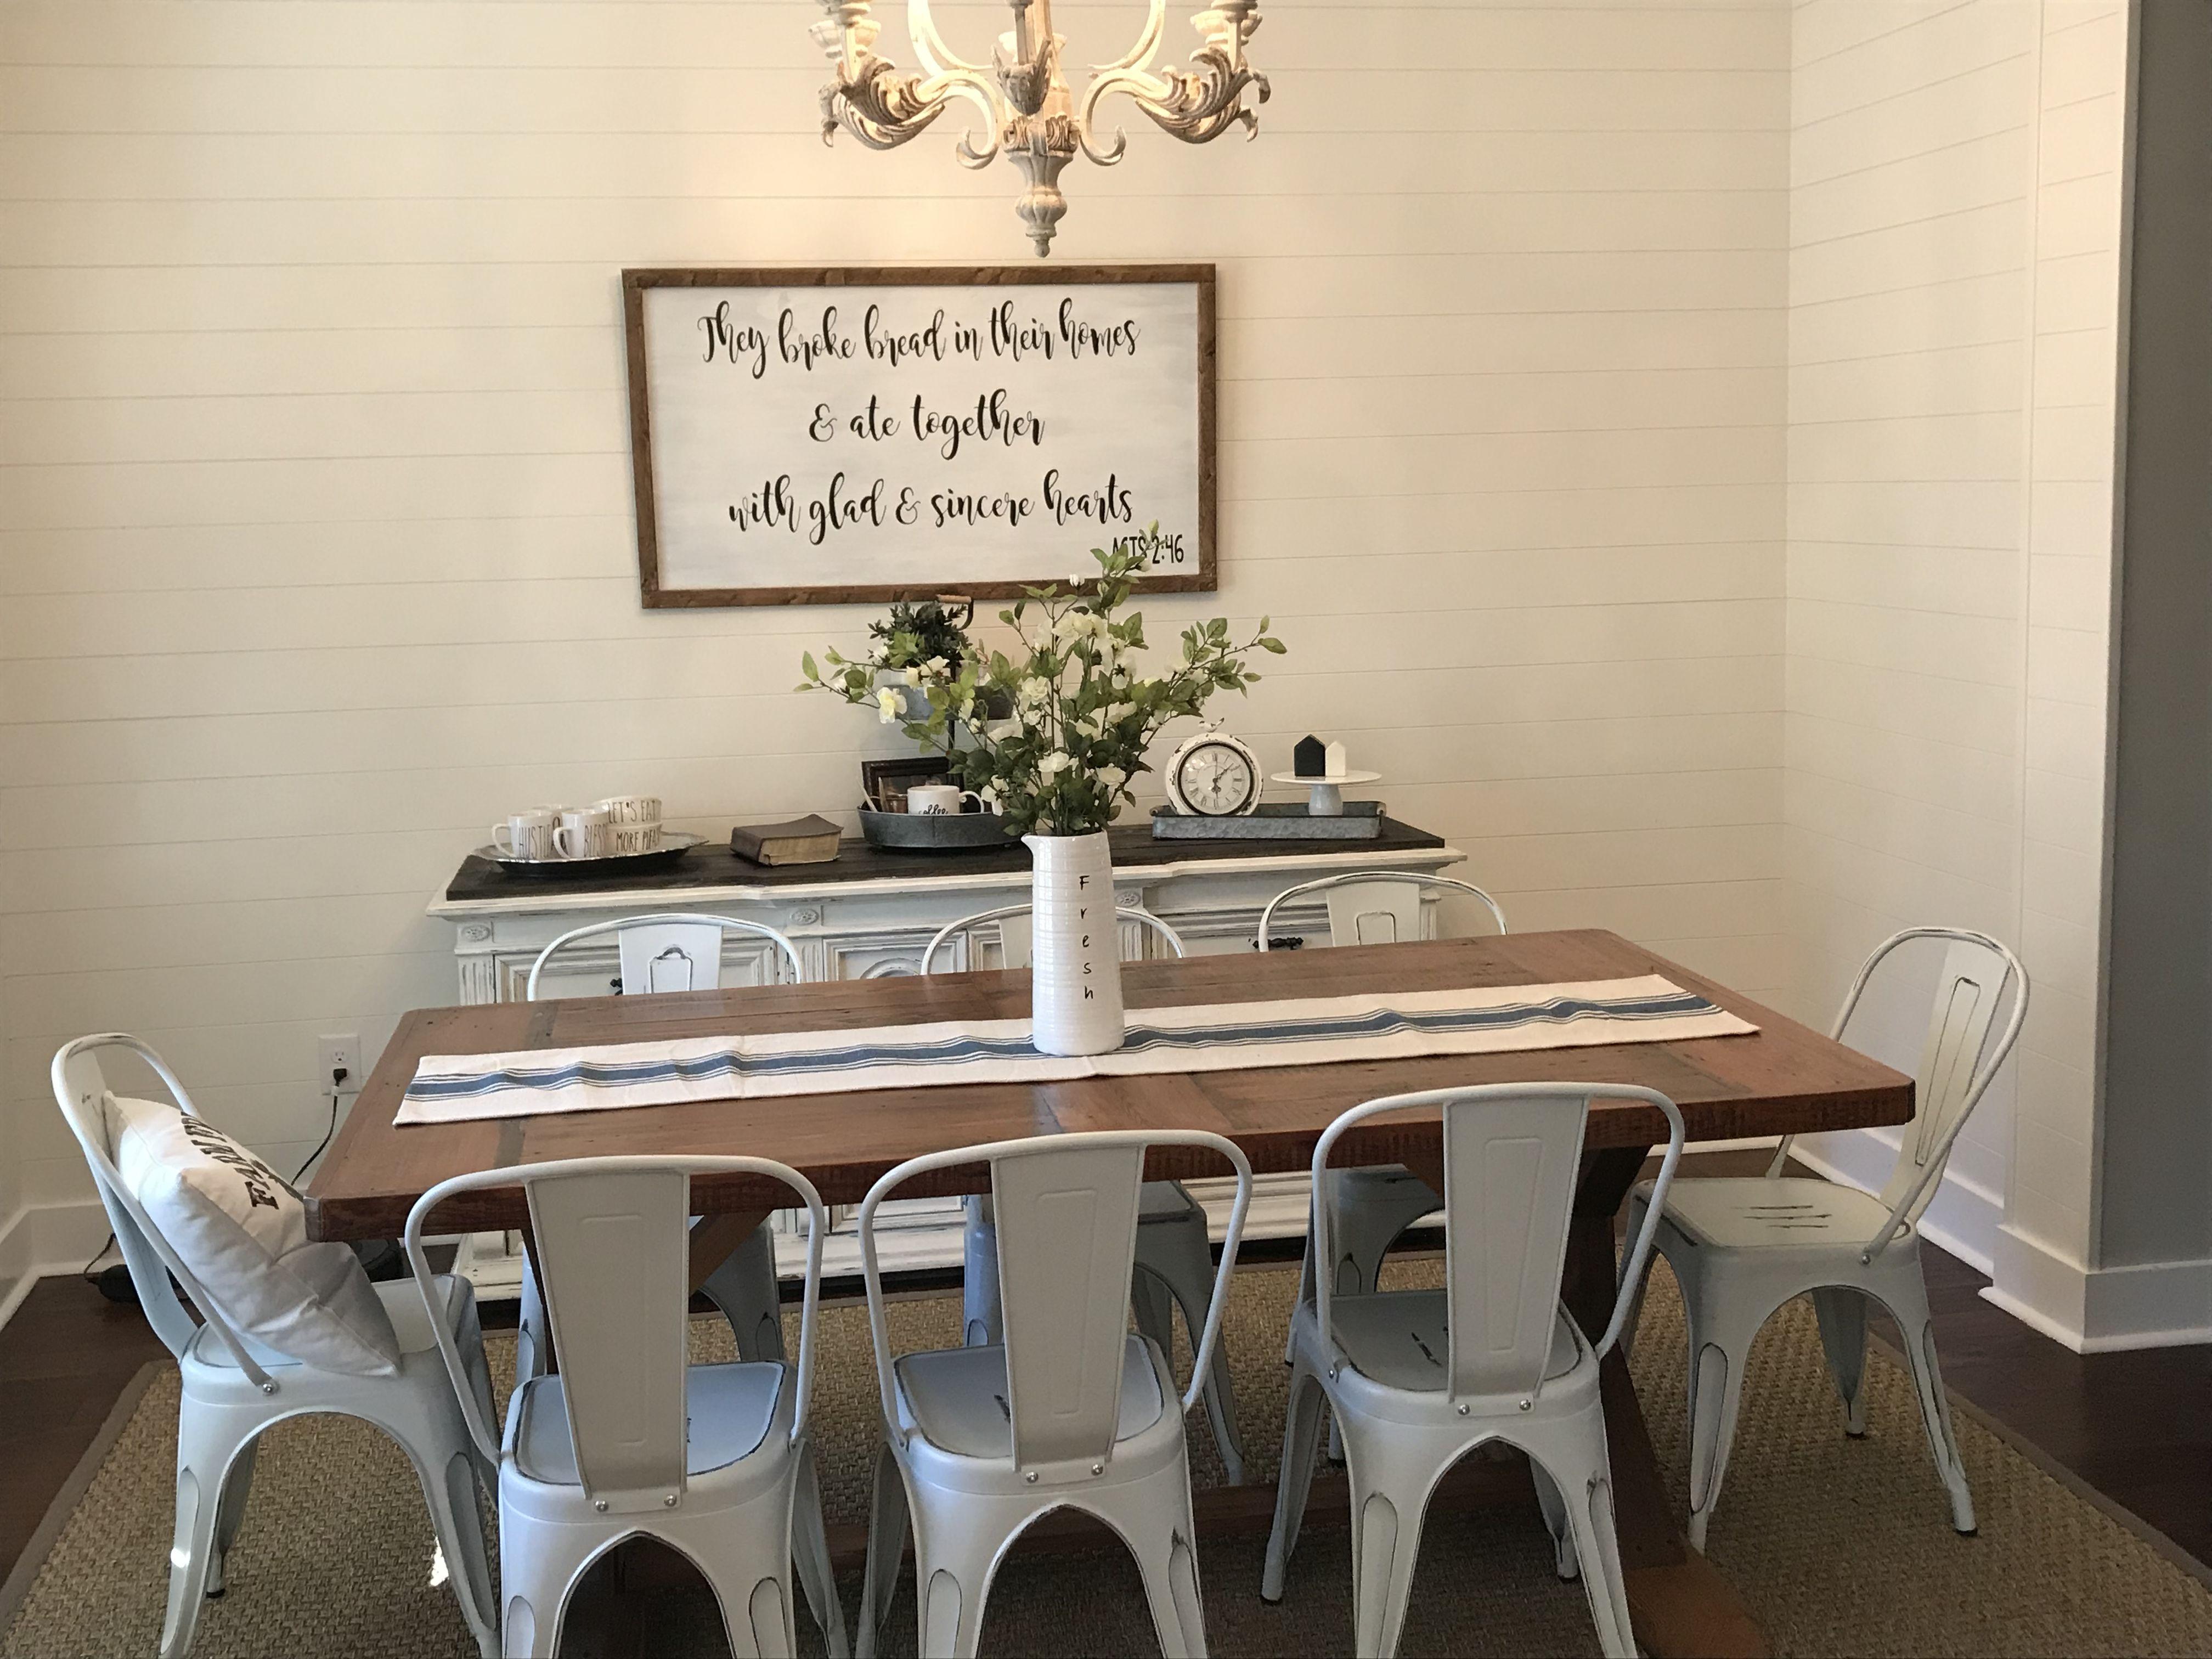 Bedroom Hobby Lobby Farmhouse Wall Decor - Kitchen OnPage